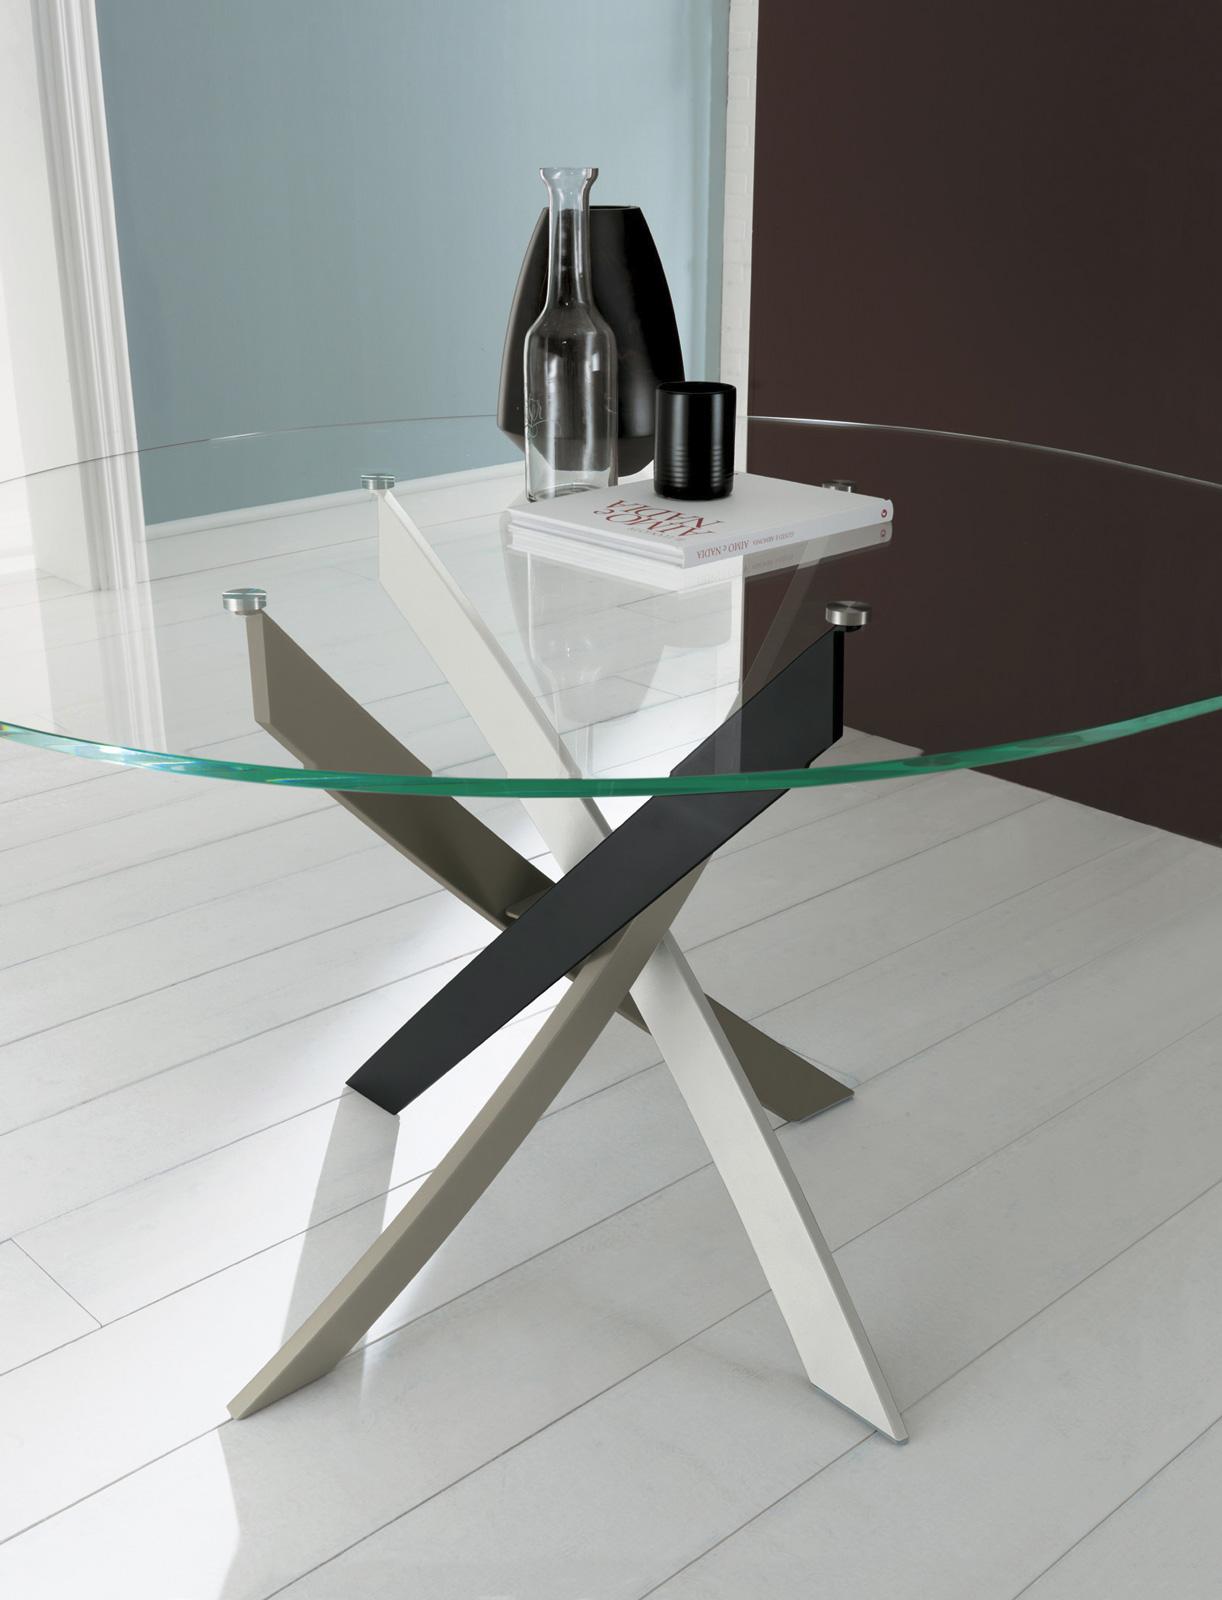 Bontempi barone tavolo for Tavoli in cristallo